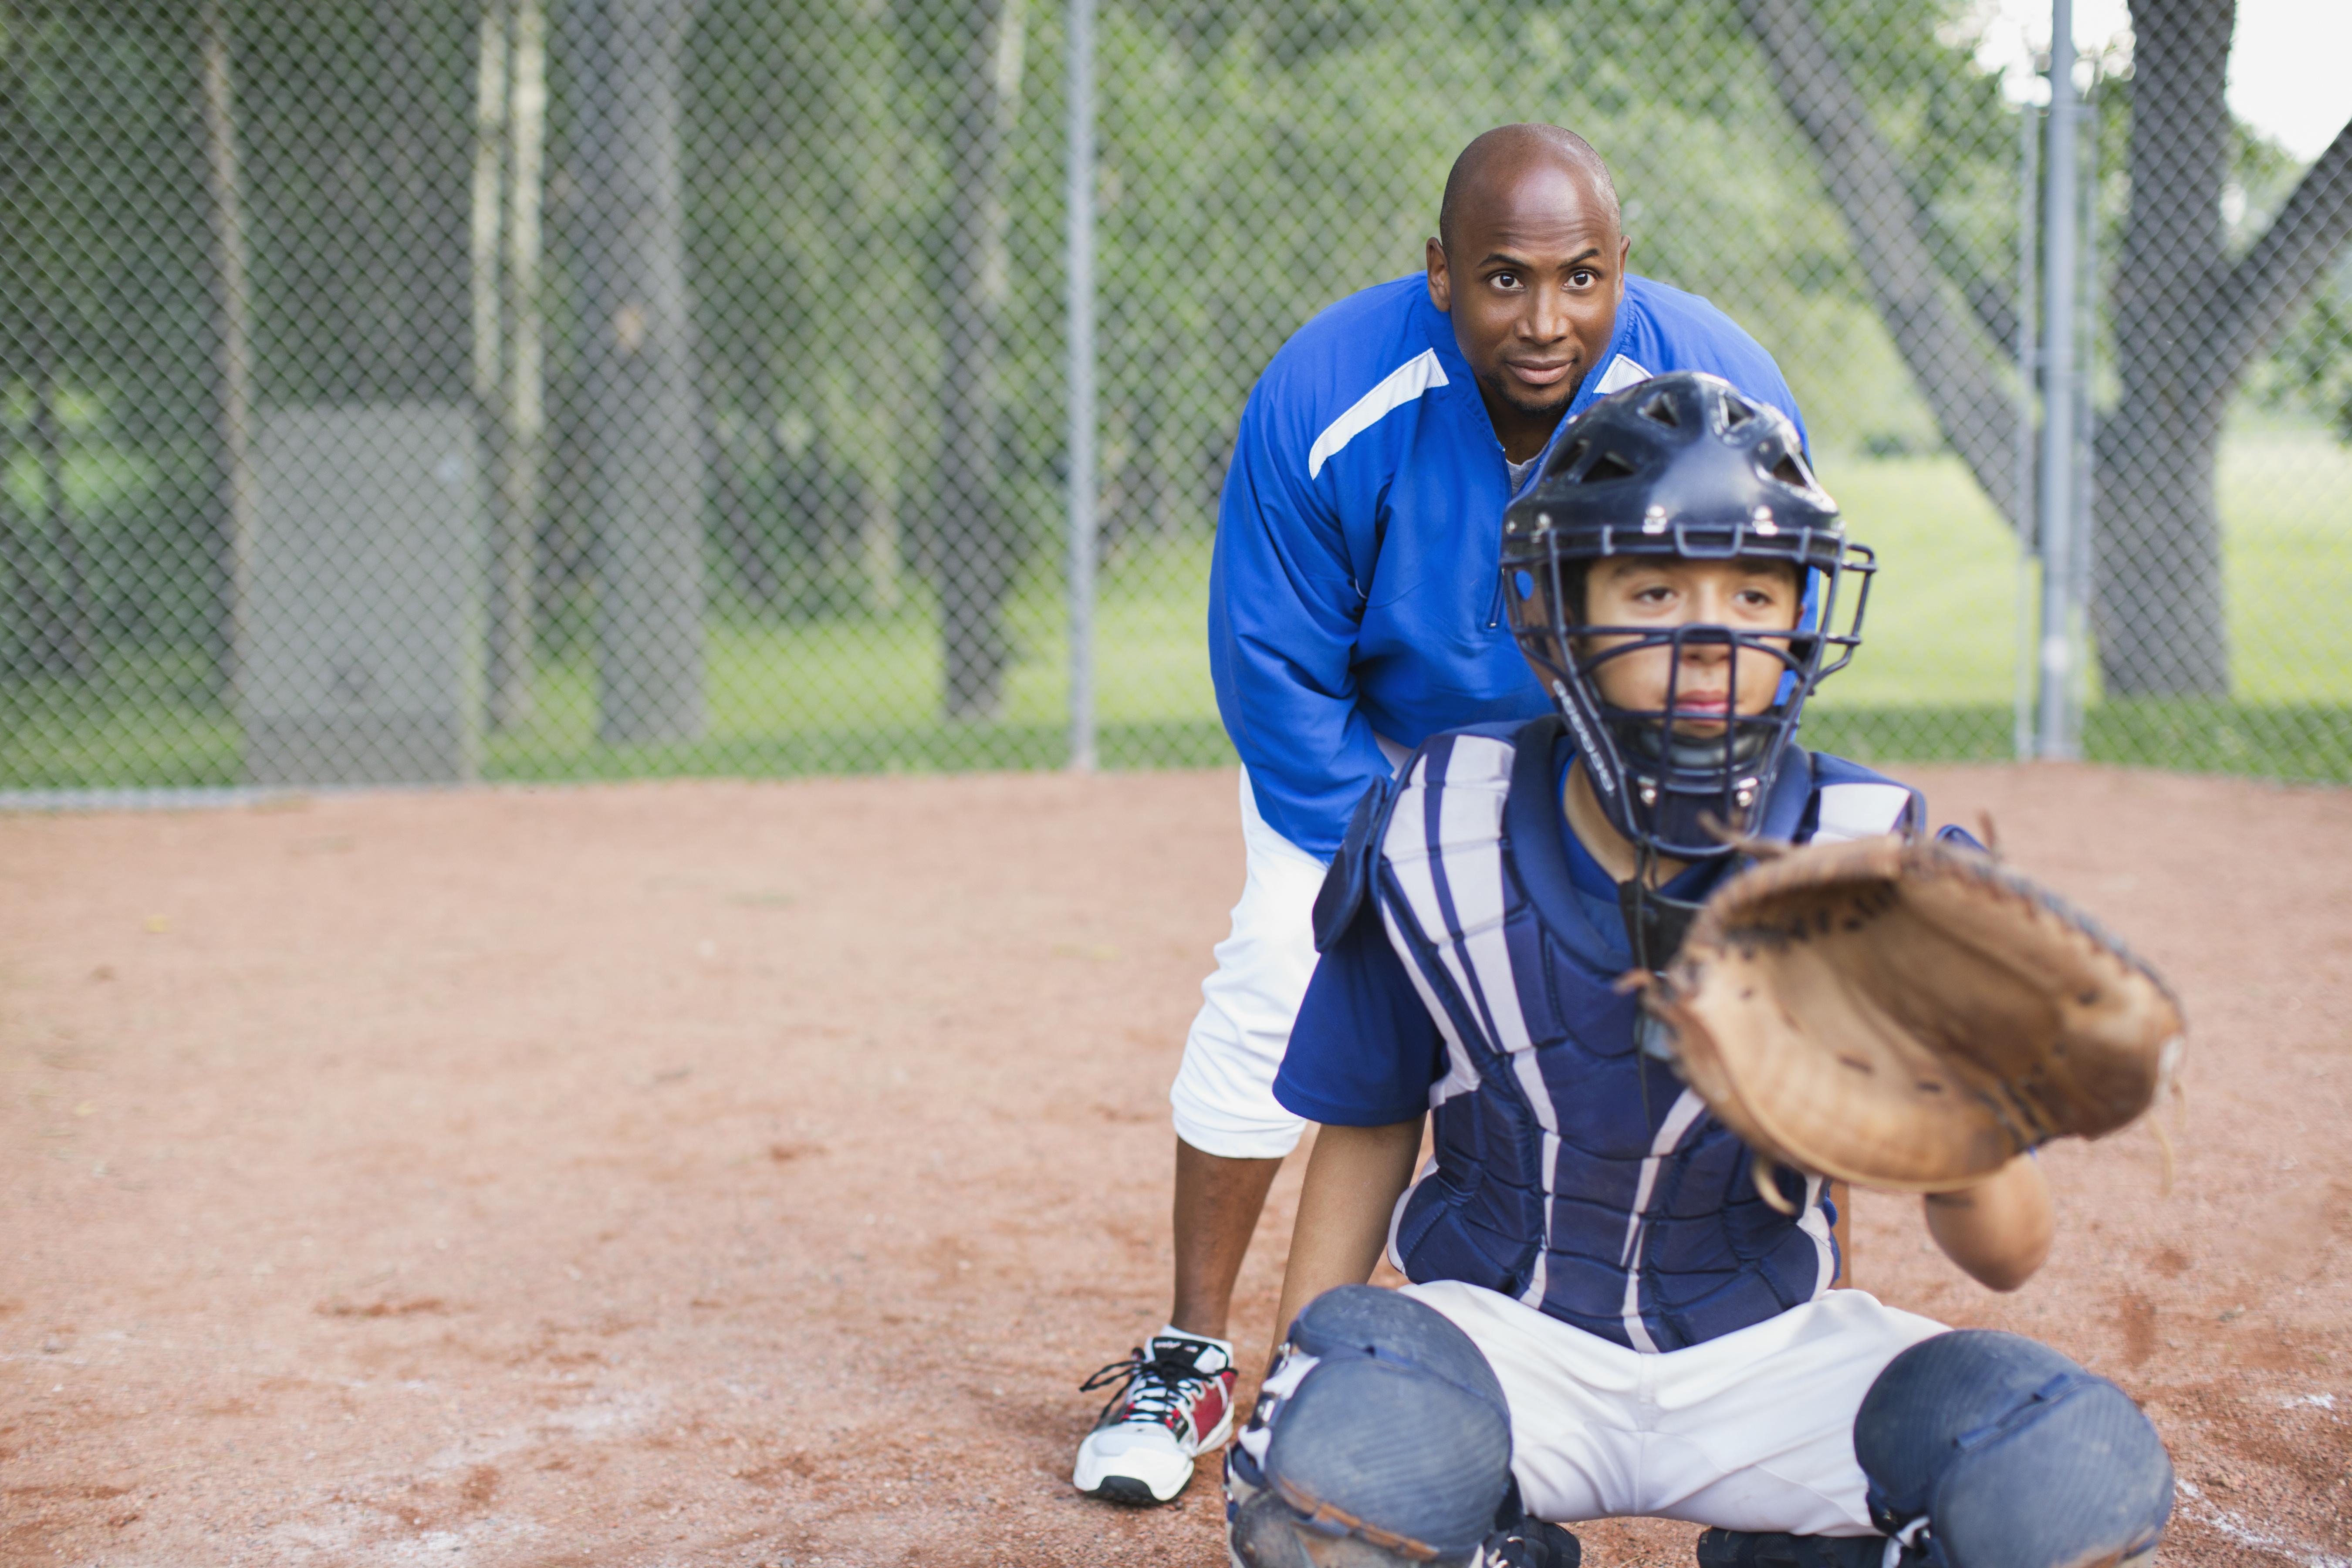 Child and coach playing baseball